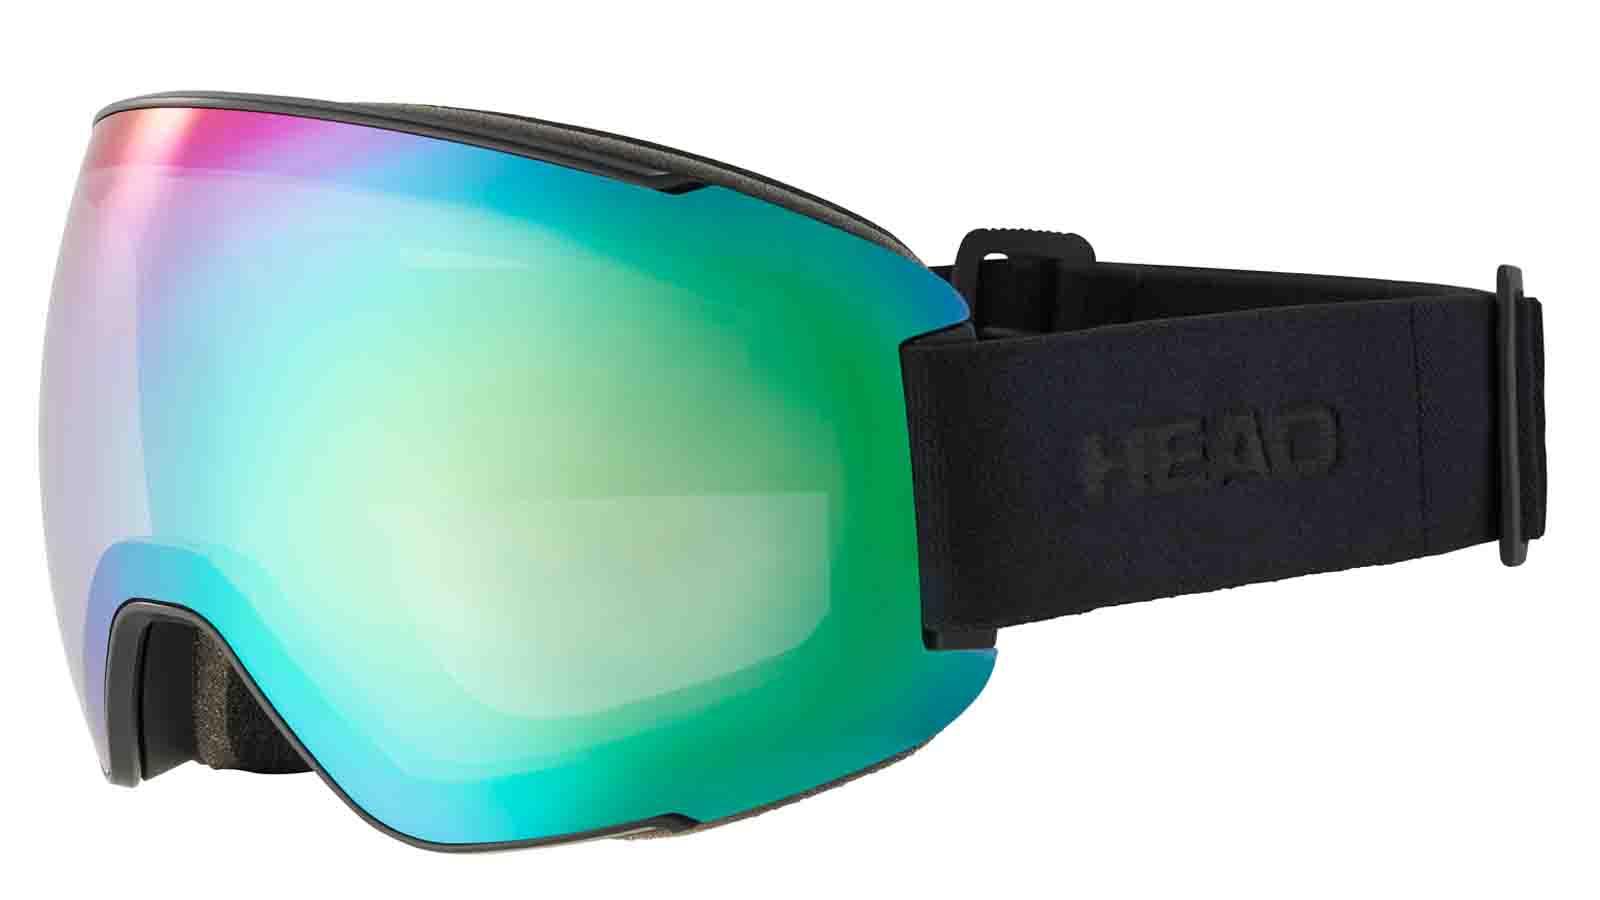 Head 21/22 Goggles